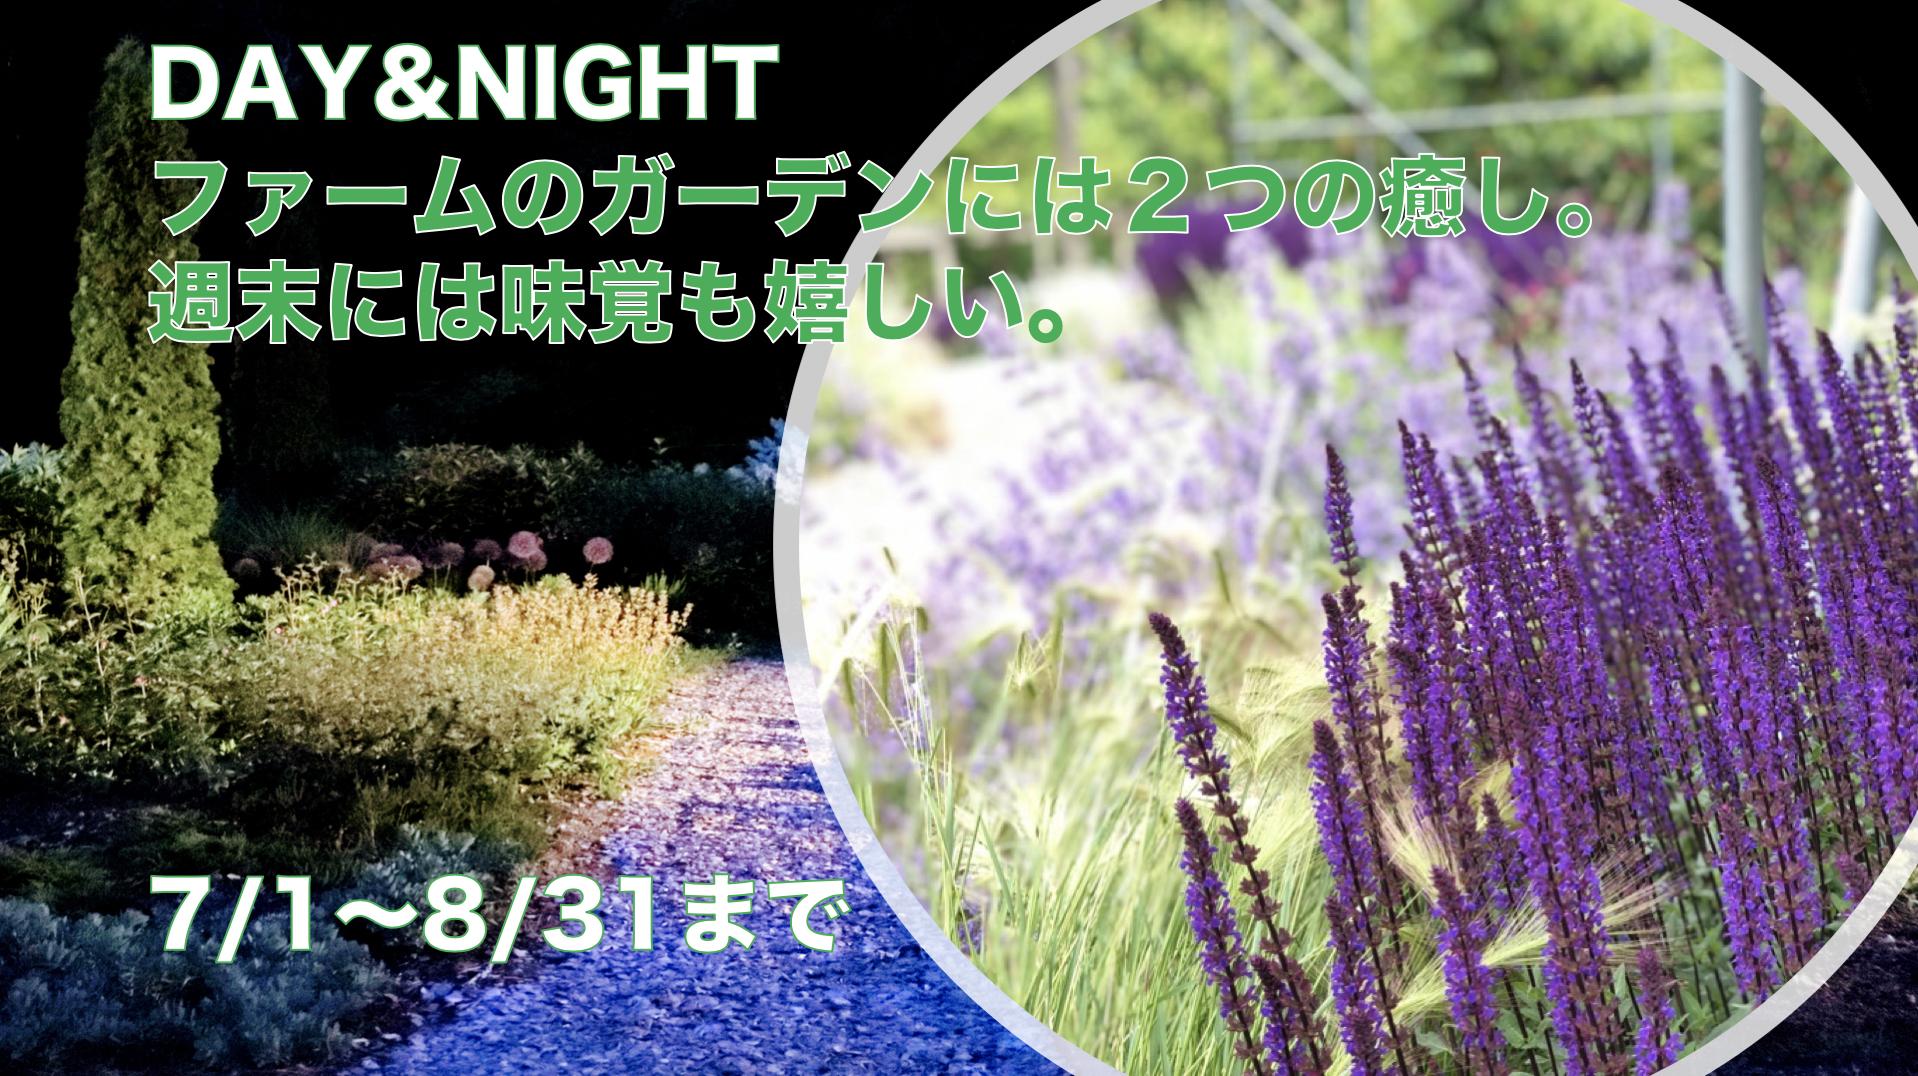 【大人の夜企画】ナイトガーデンと天空のジュエリーBOX